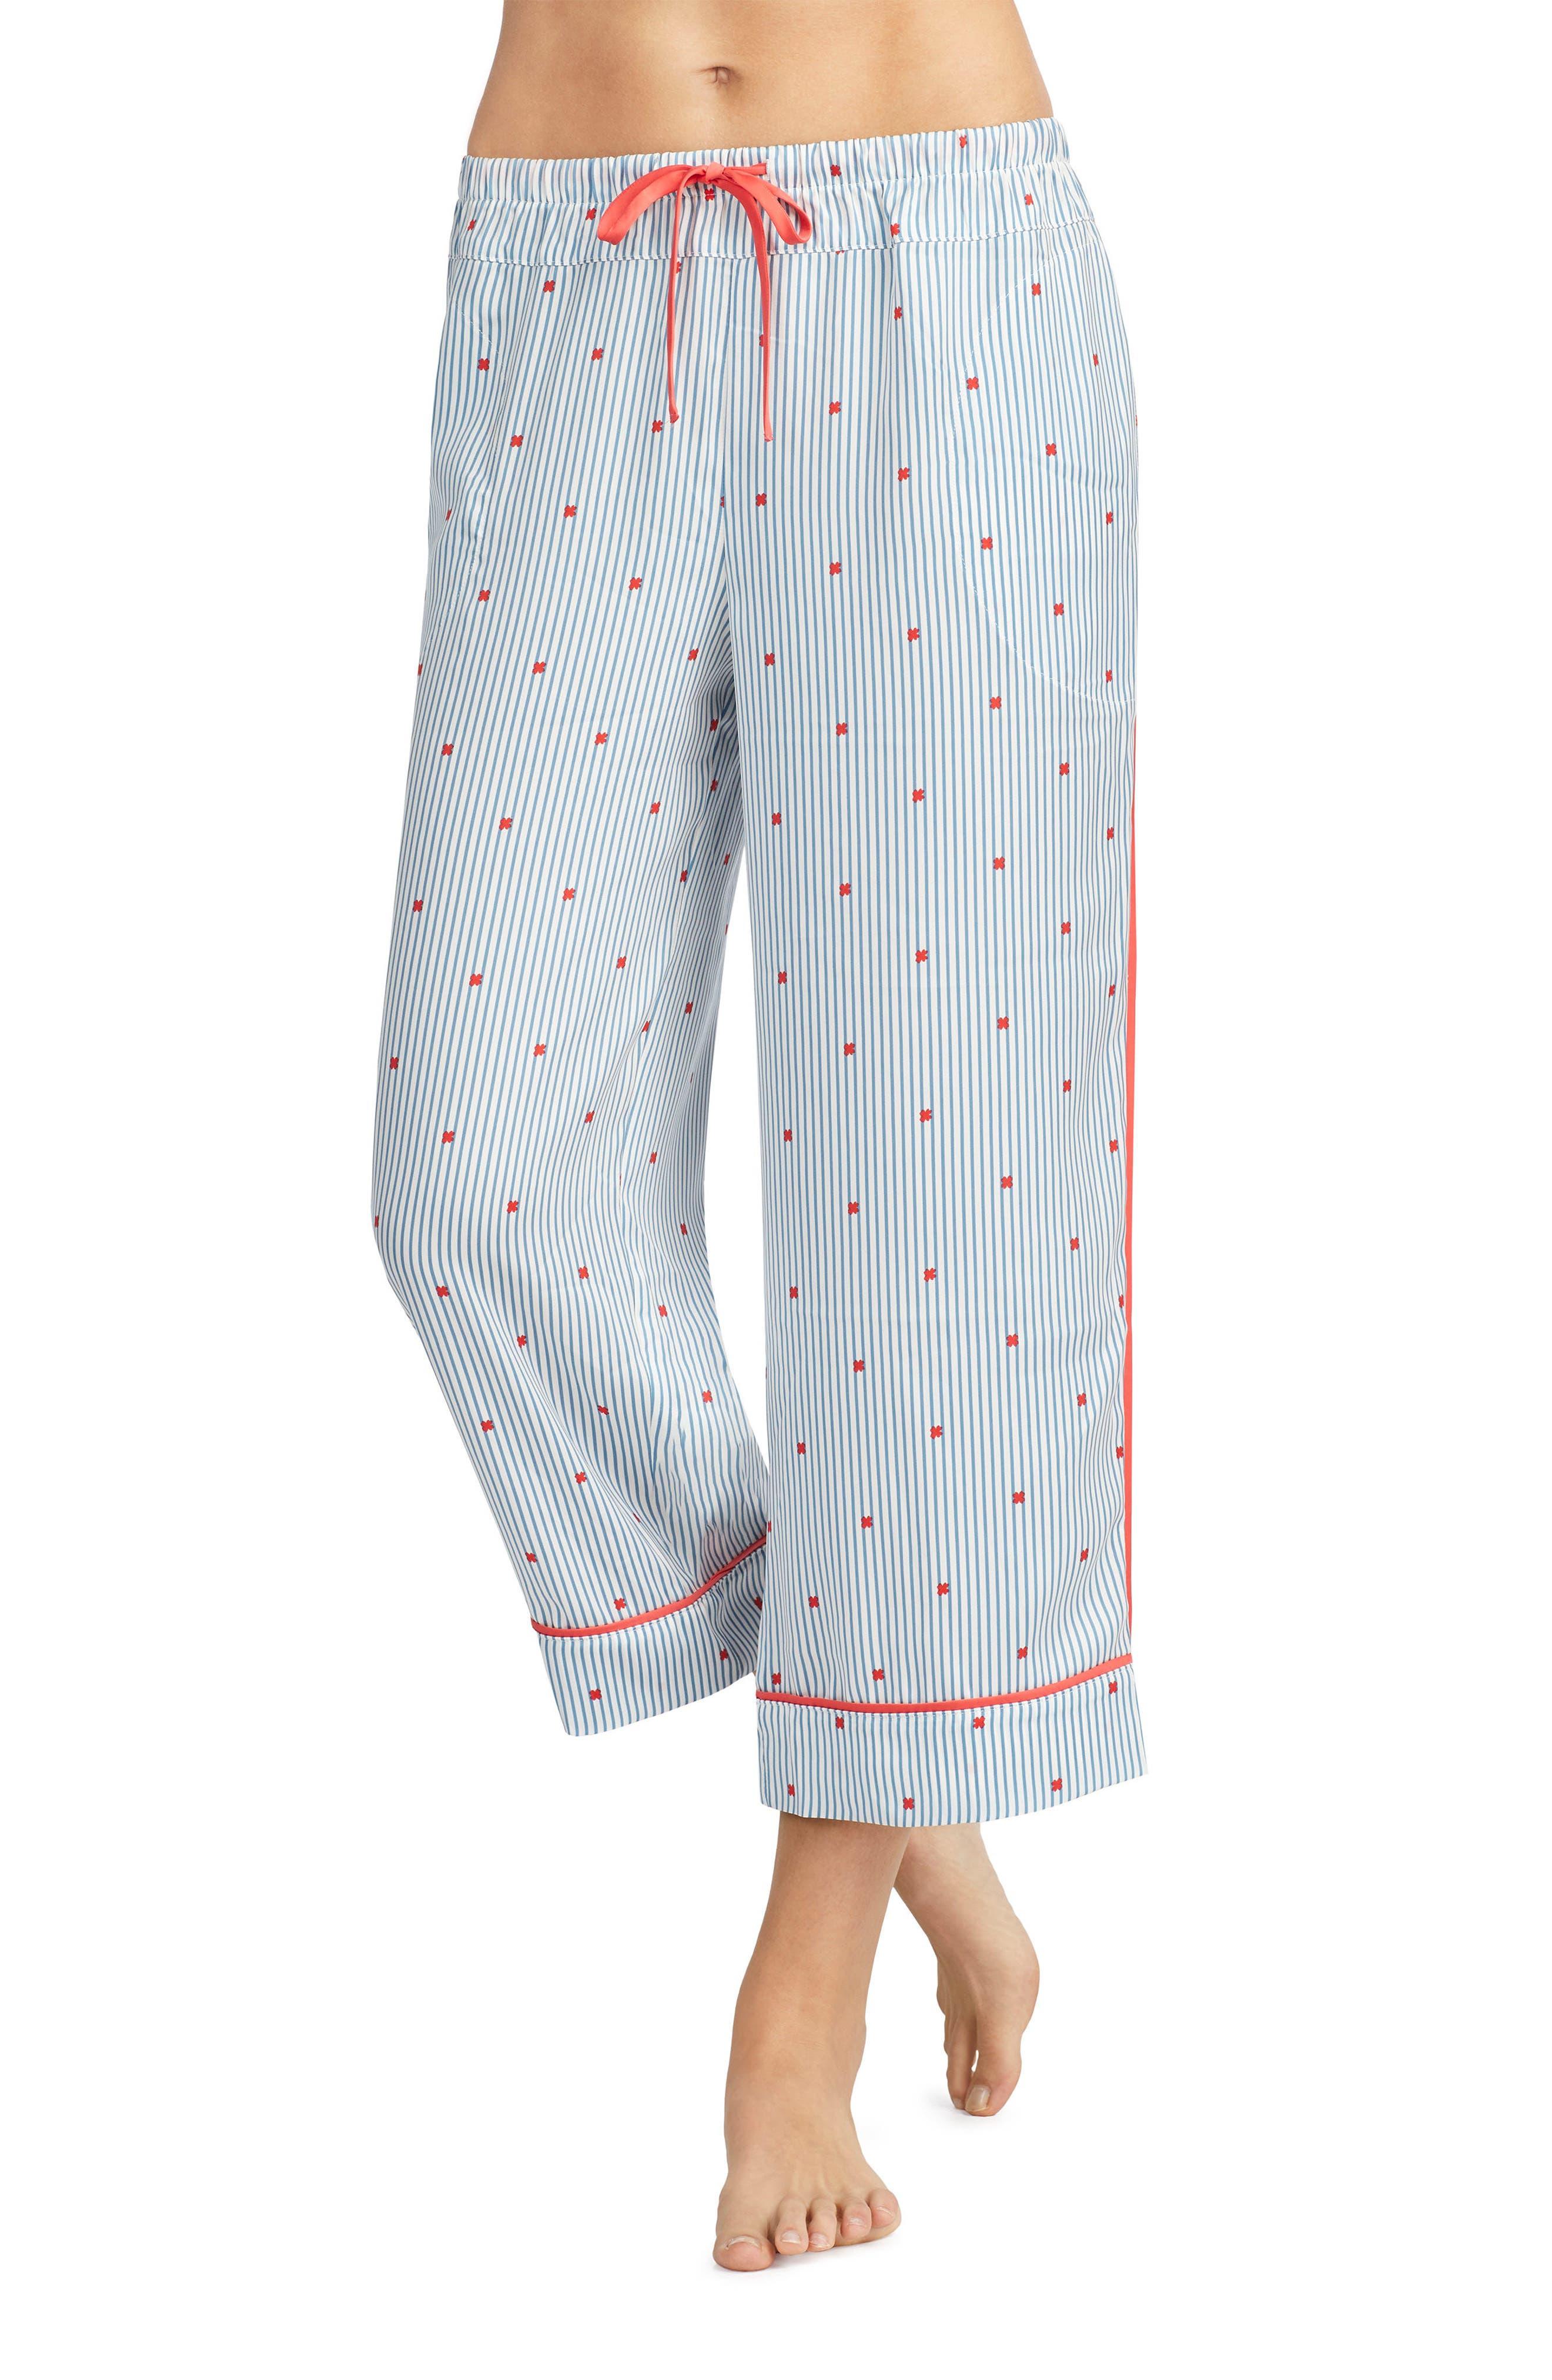 Room Service Crop Satin Pajama Pants (Nordstrom Exclusive)